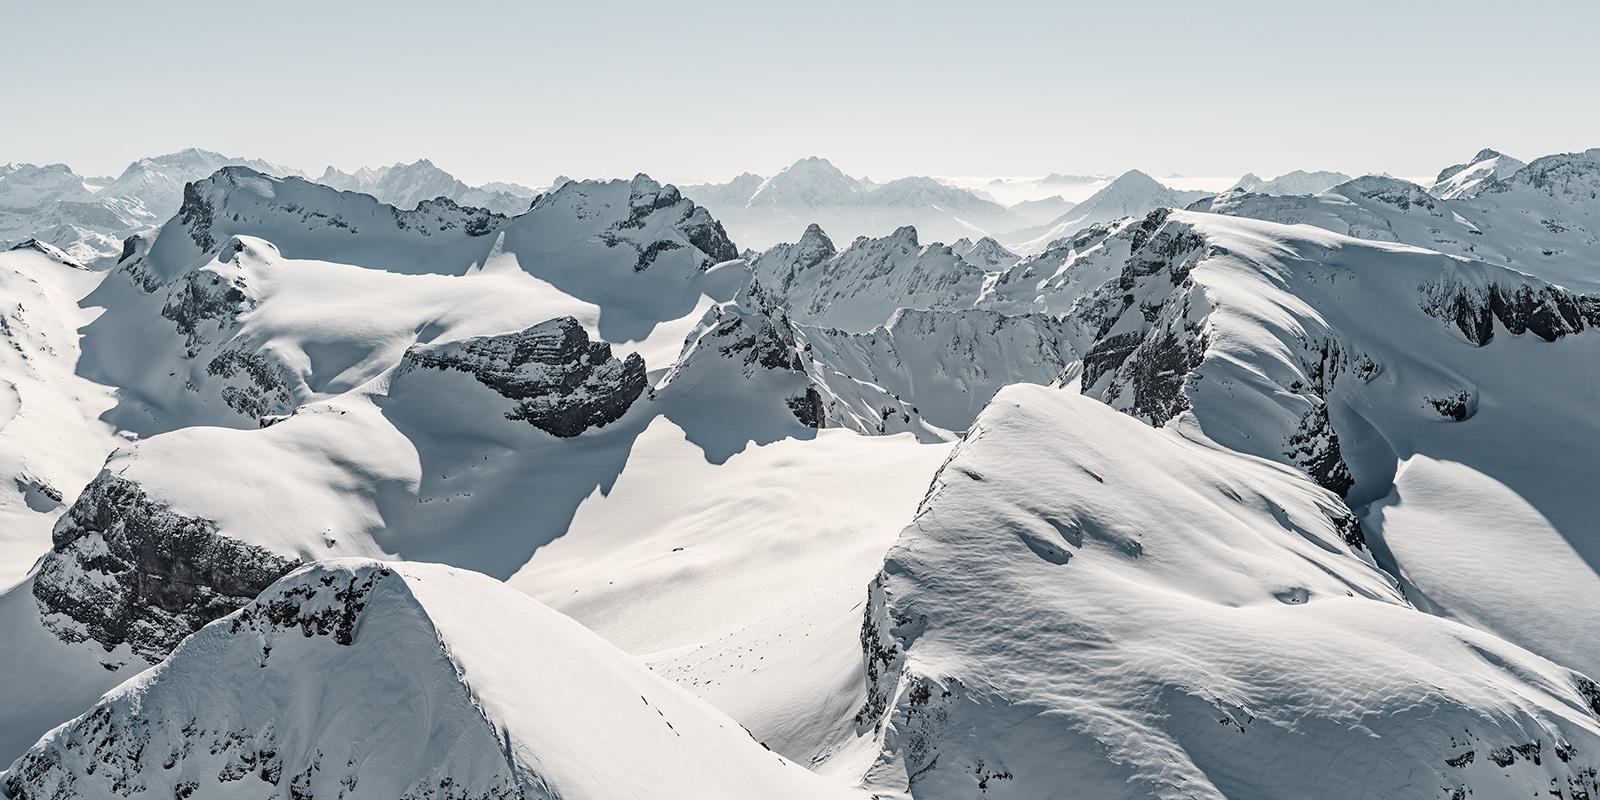 Luftaufnahme - Hoch über den Urner Alpen mit Blich auf den Engelberger Rotstock, Wissigstock, Uri Rotstock, Brunnistock, Bristen,